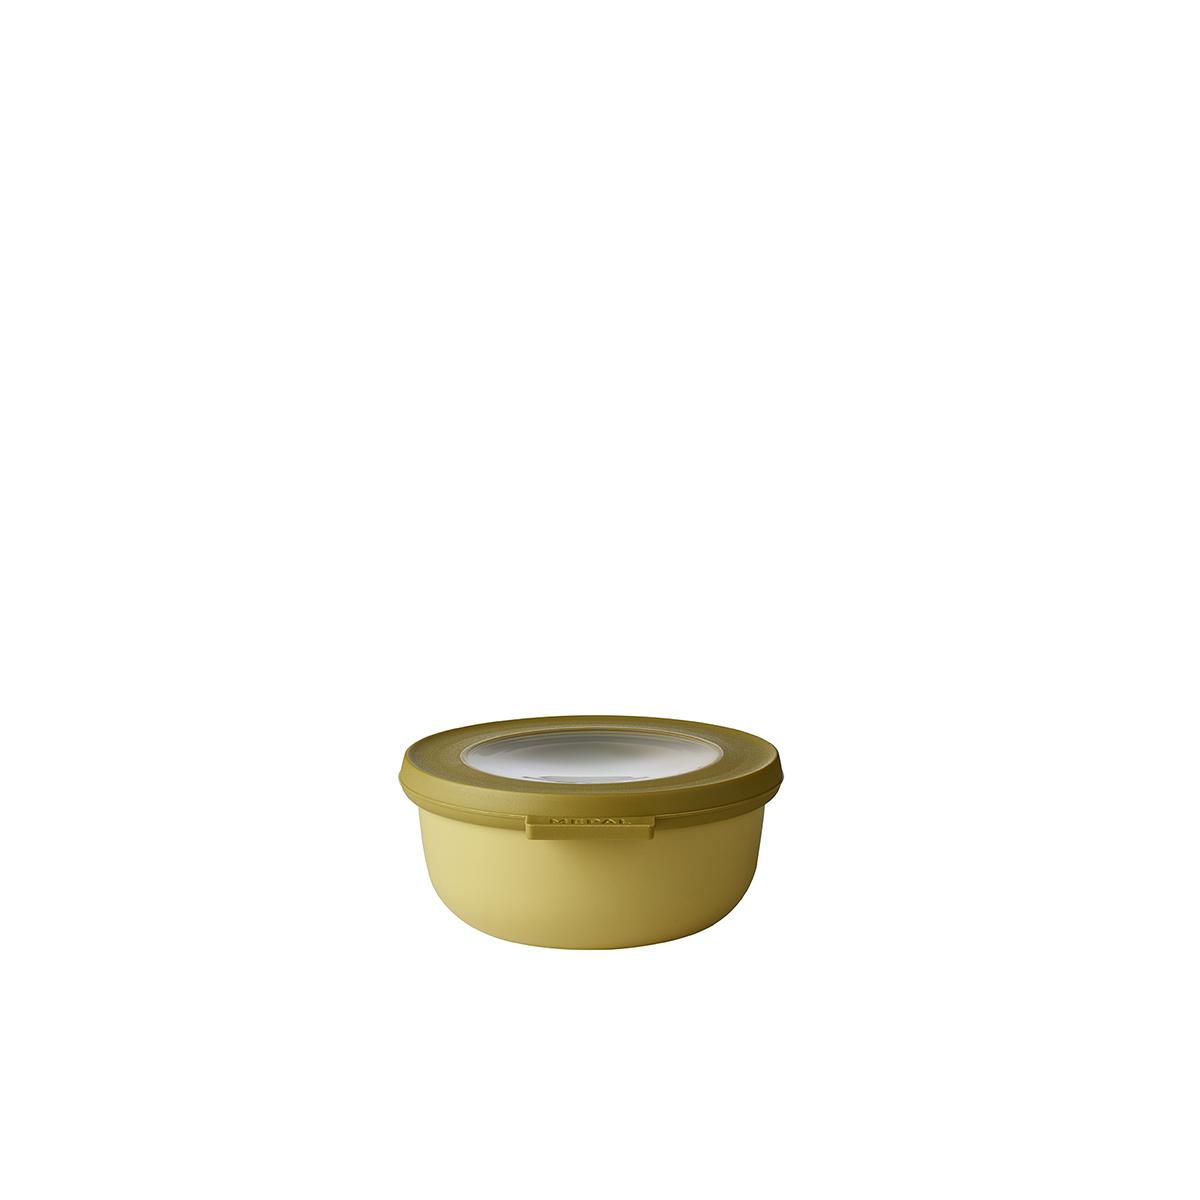 Miska Cirqula 350 ml Nordic Lemon 106204091600